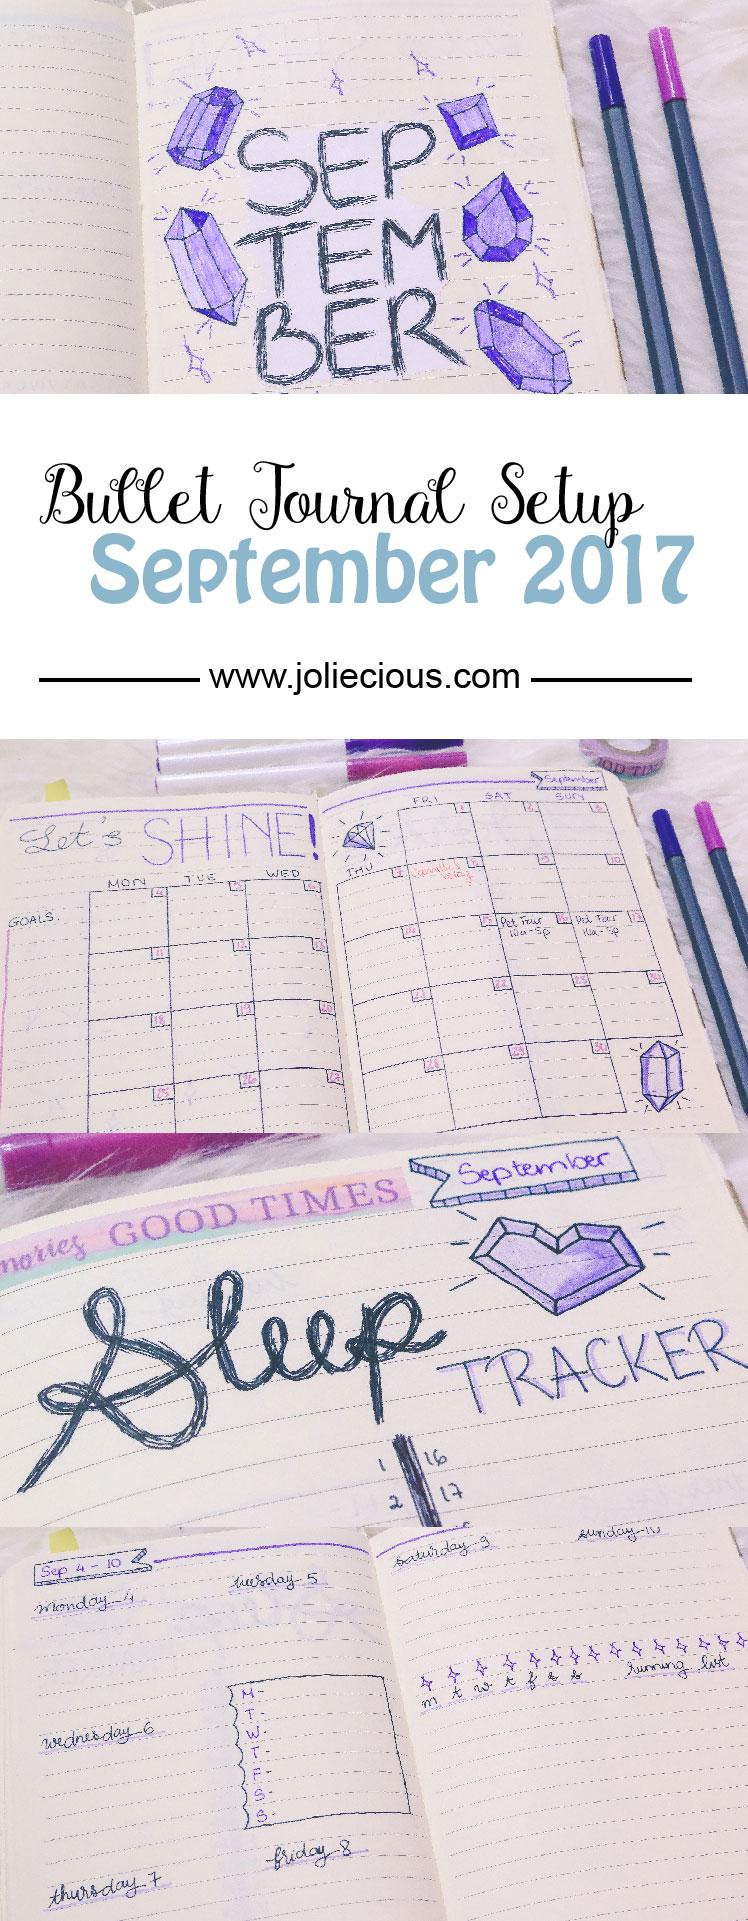 Bullet-Journal-Setup-September-2017-Pinterest